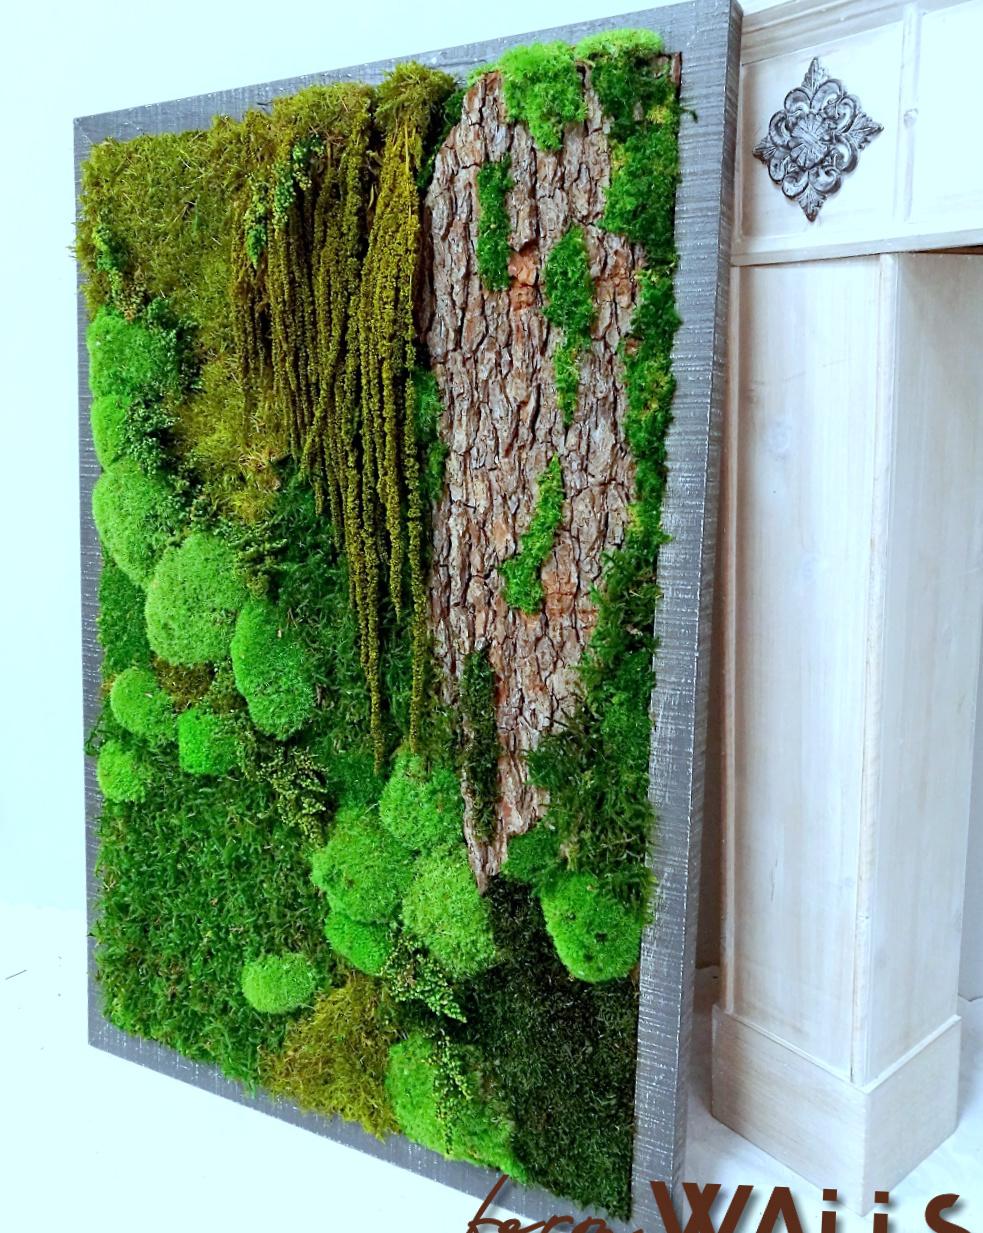 Obraz z mchu stabilizowanego 97 x 67 cm